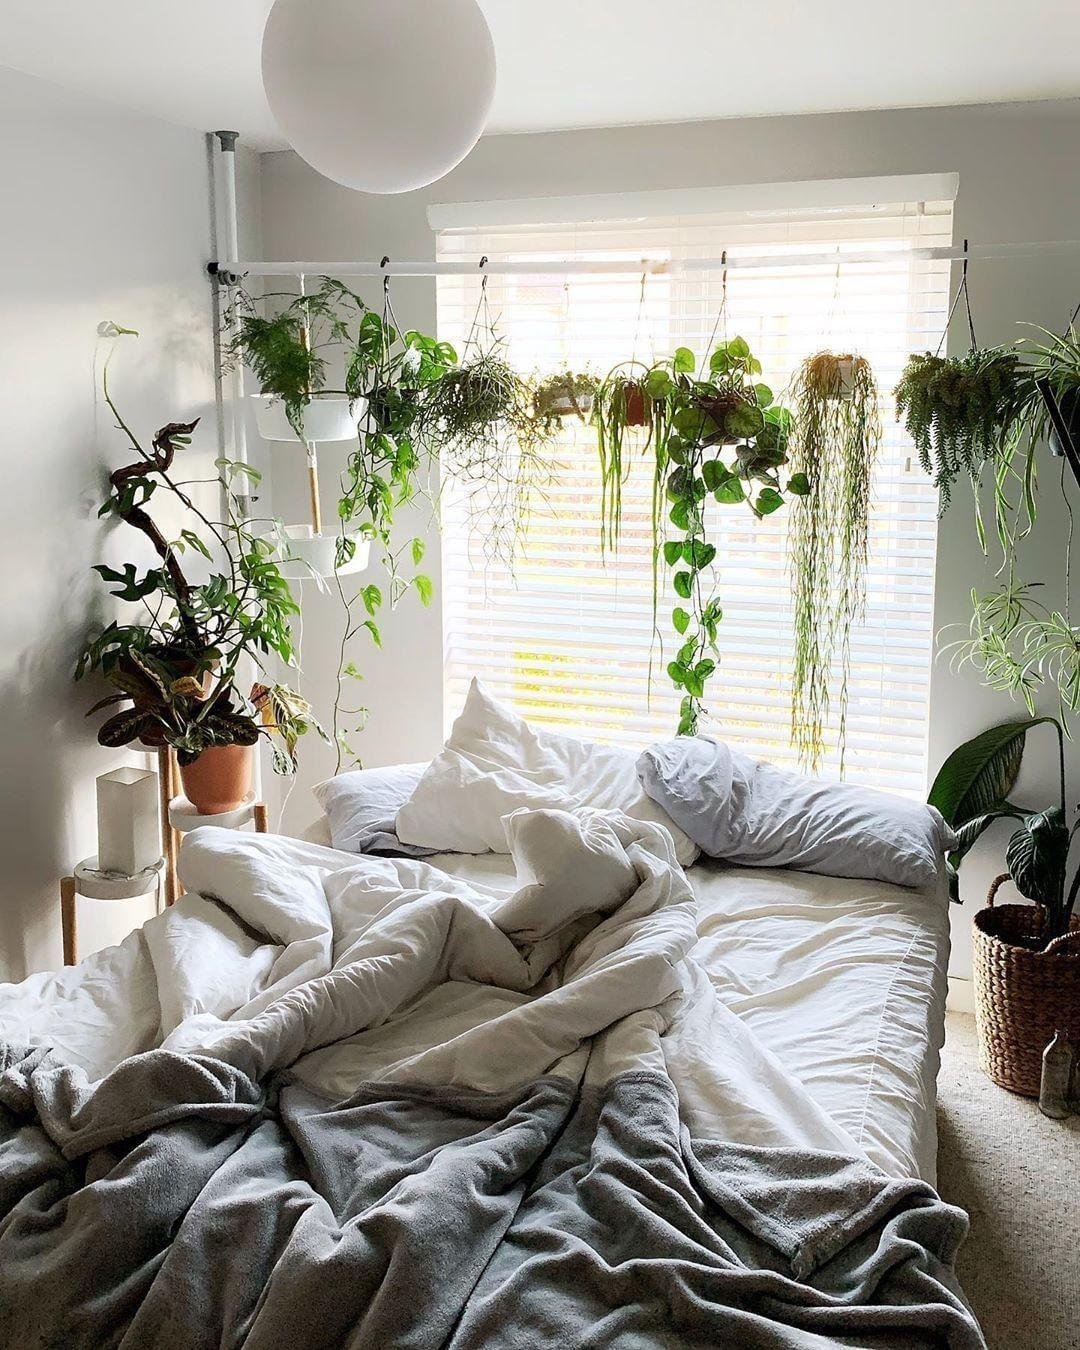 1. Pots hanger by simphome.com